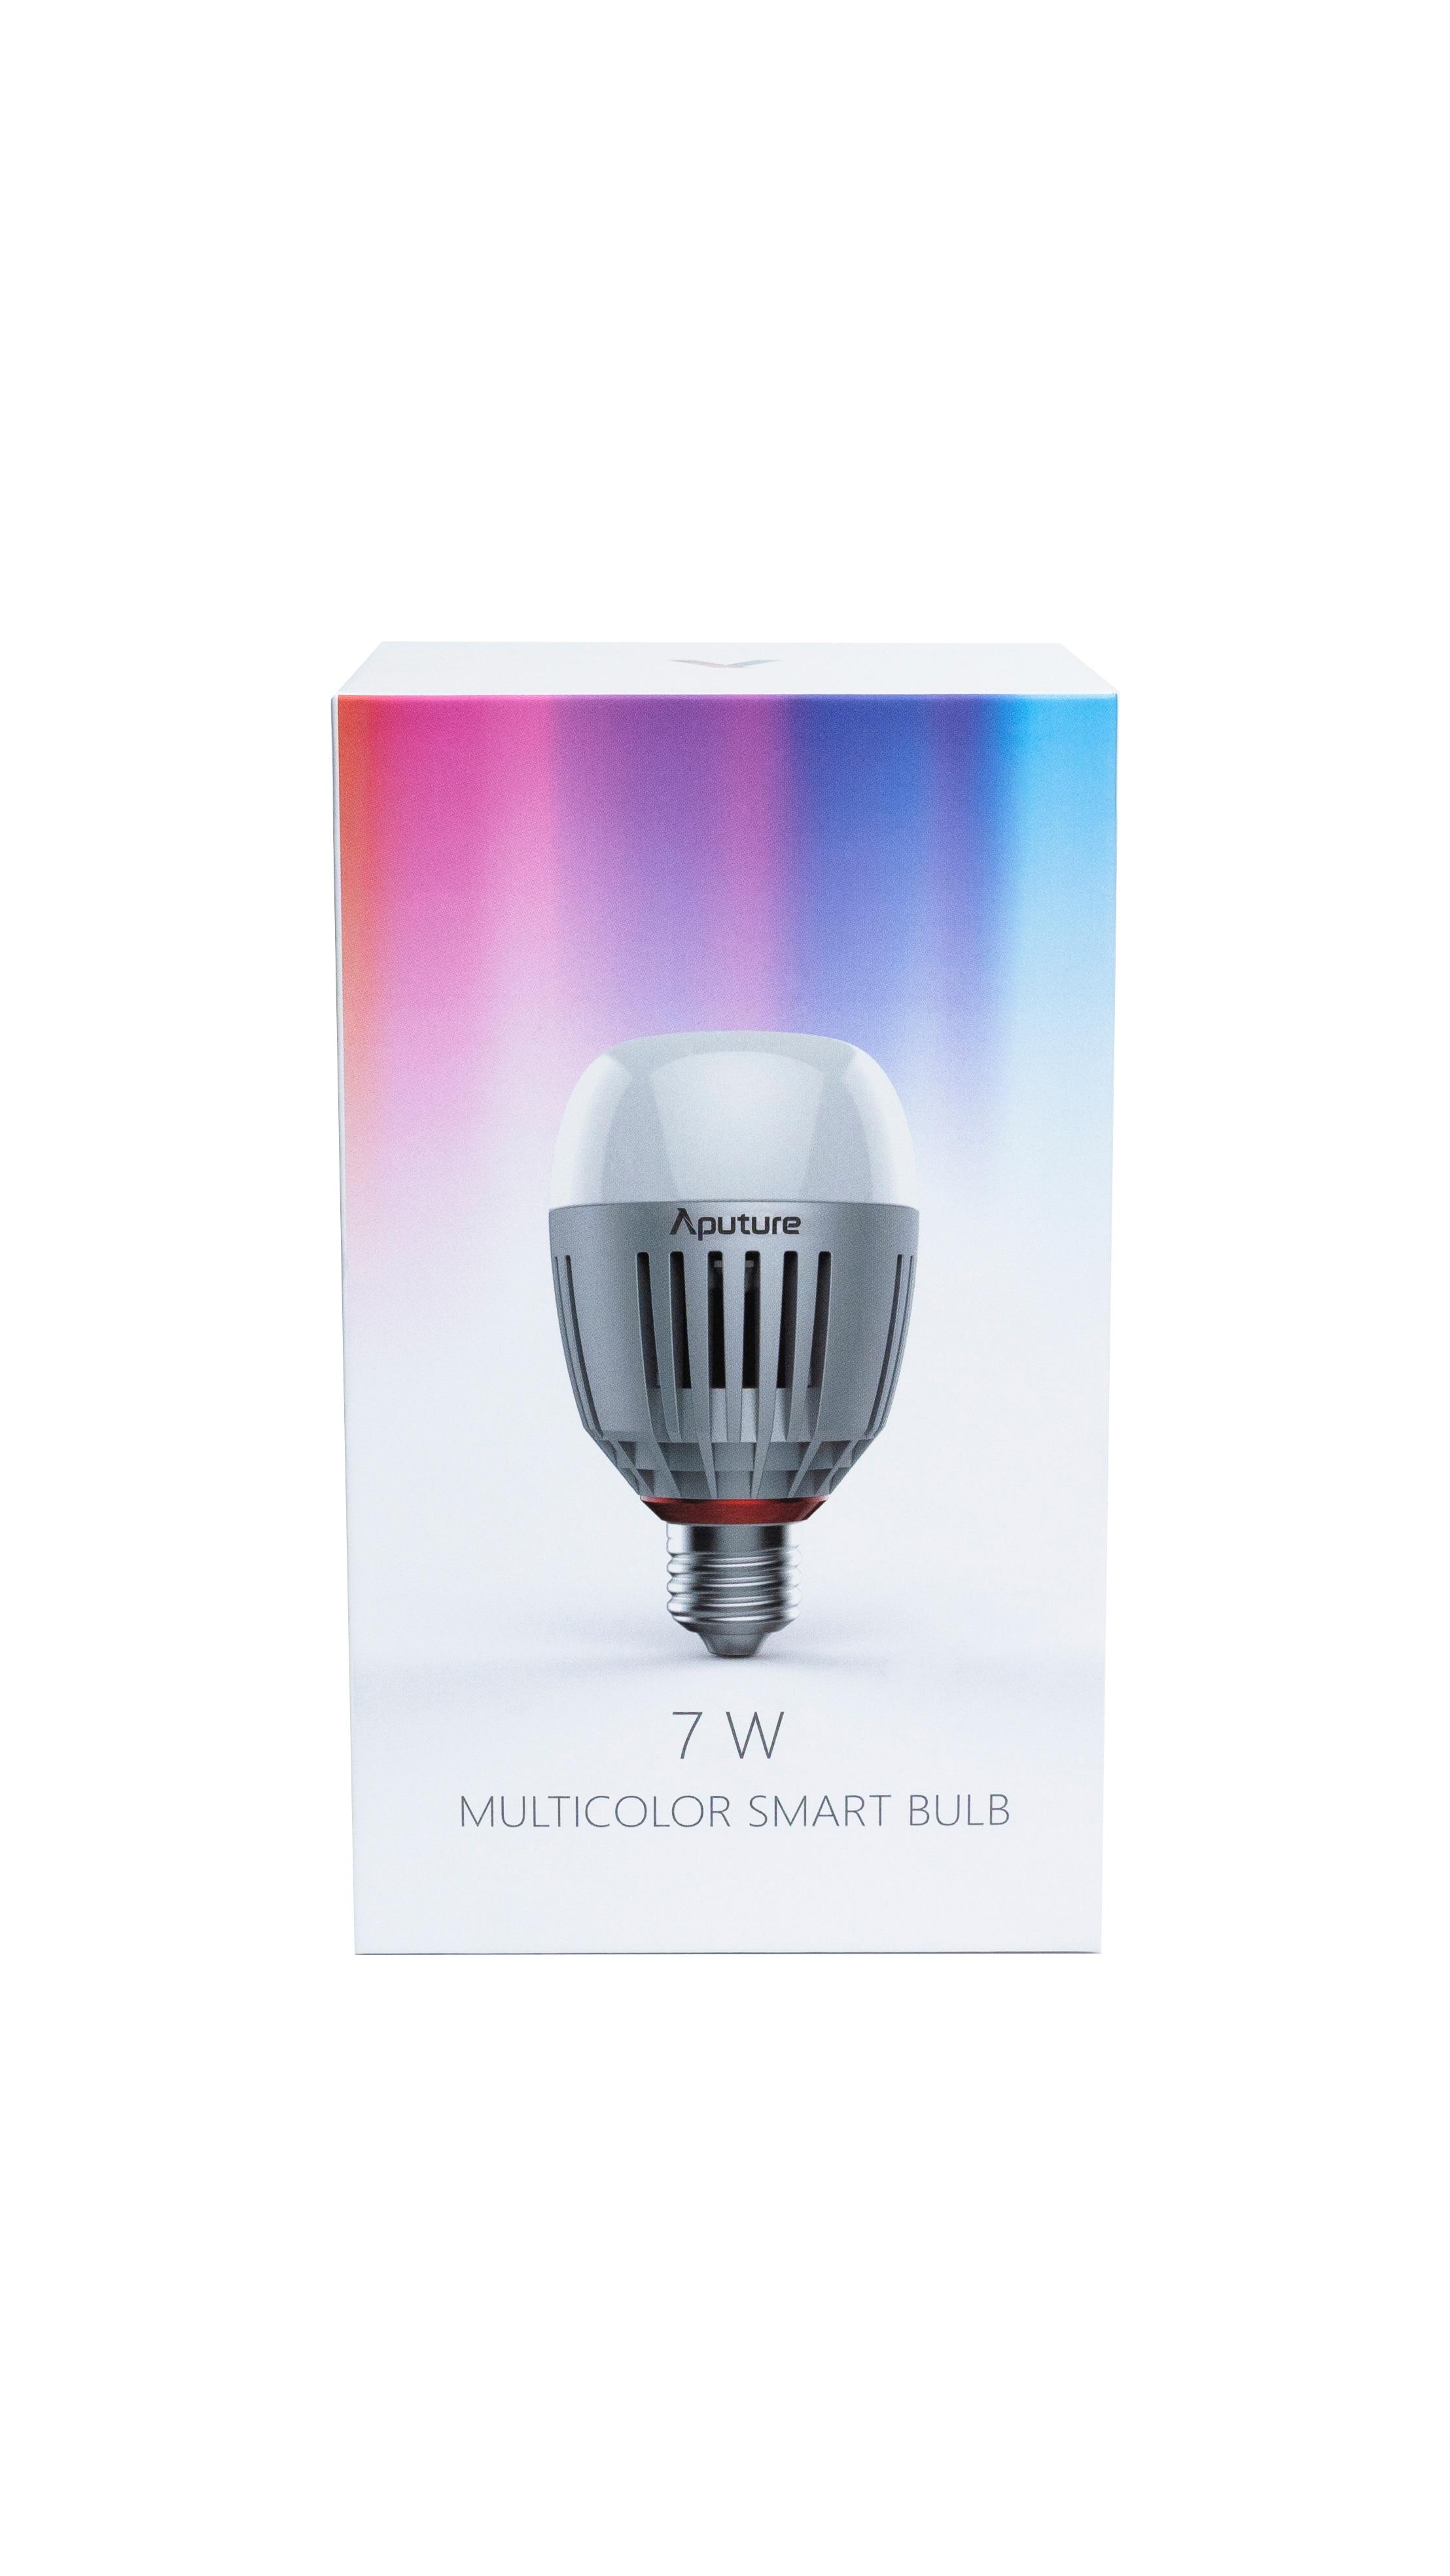 Aputure Accent B7c 7W RGBWW renk karıştırma LED ışık ampul CRI 95 + TLCI 96 + Sidus bağlantı APP kontrolü pil DC modu